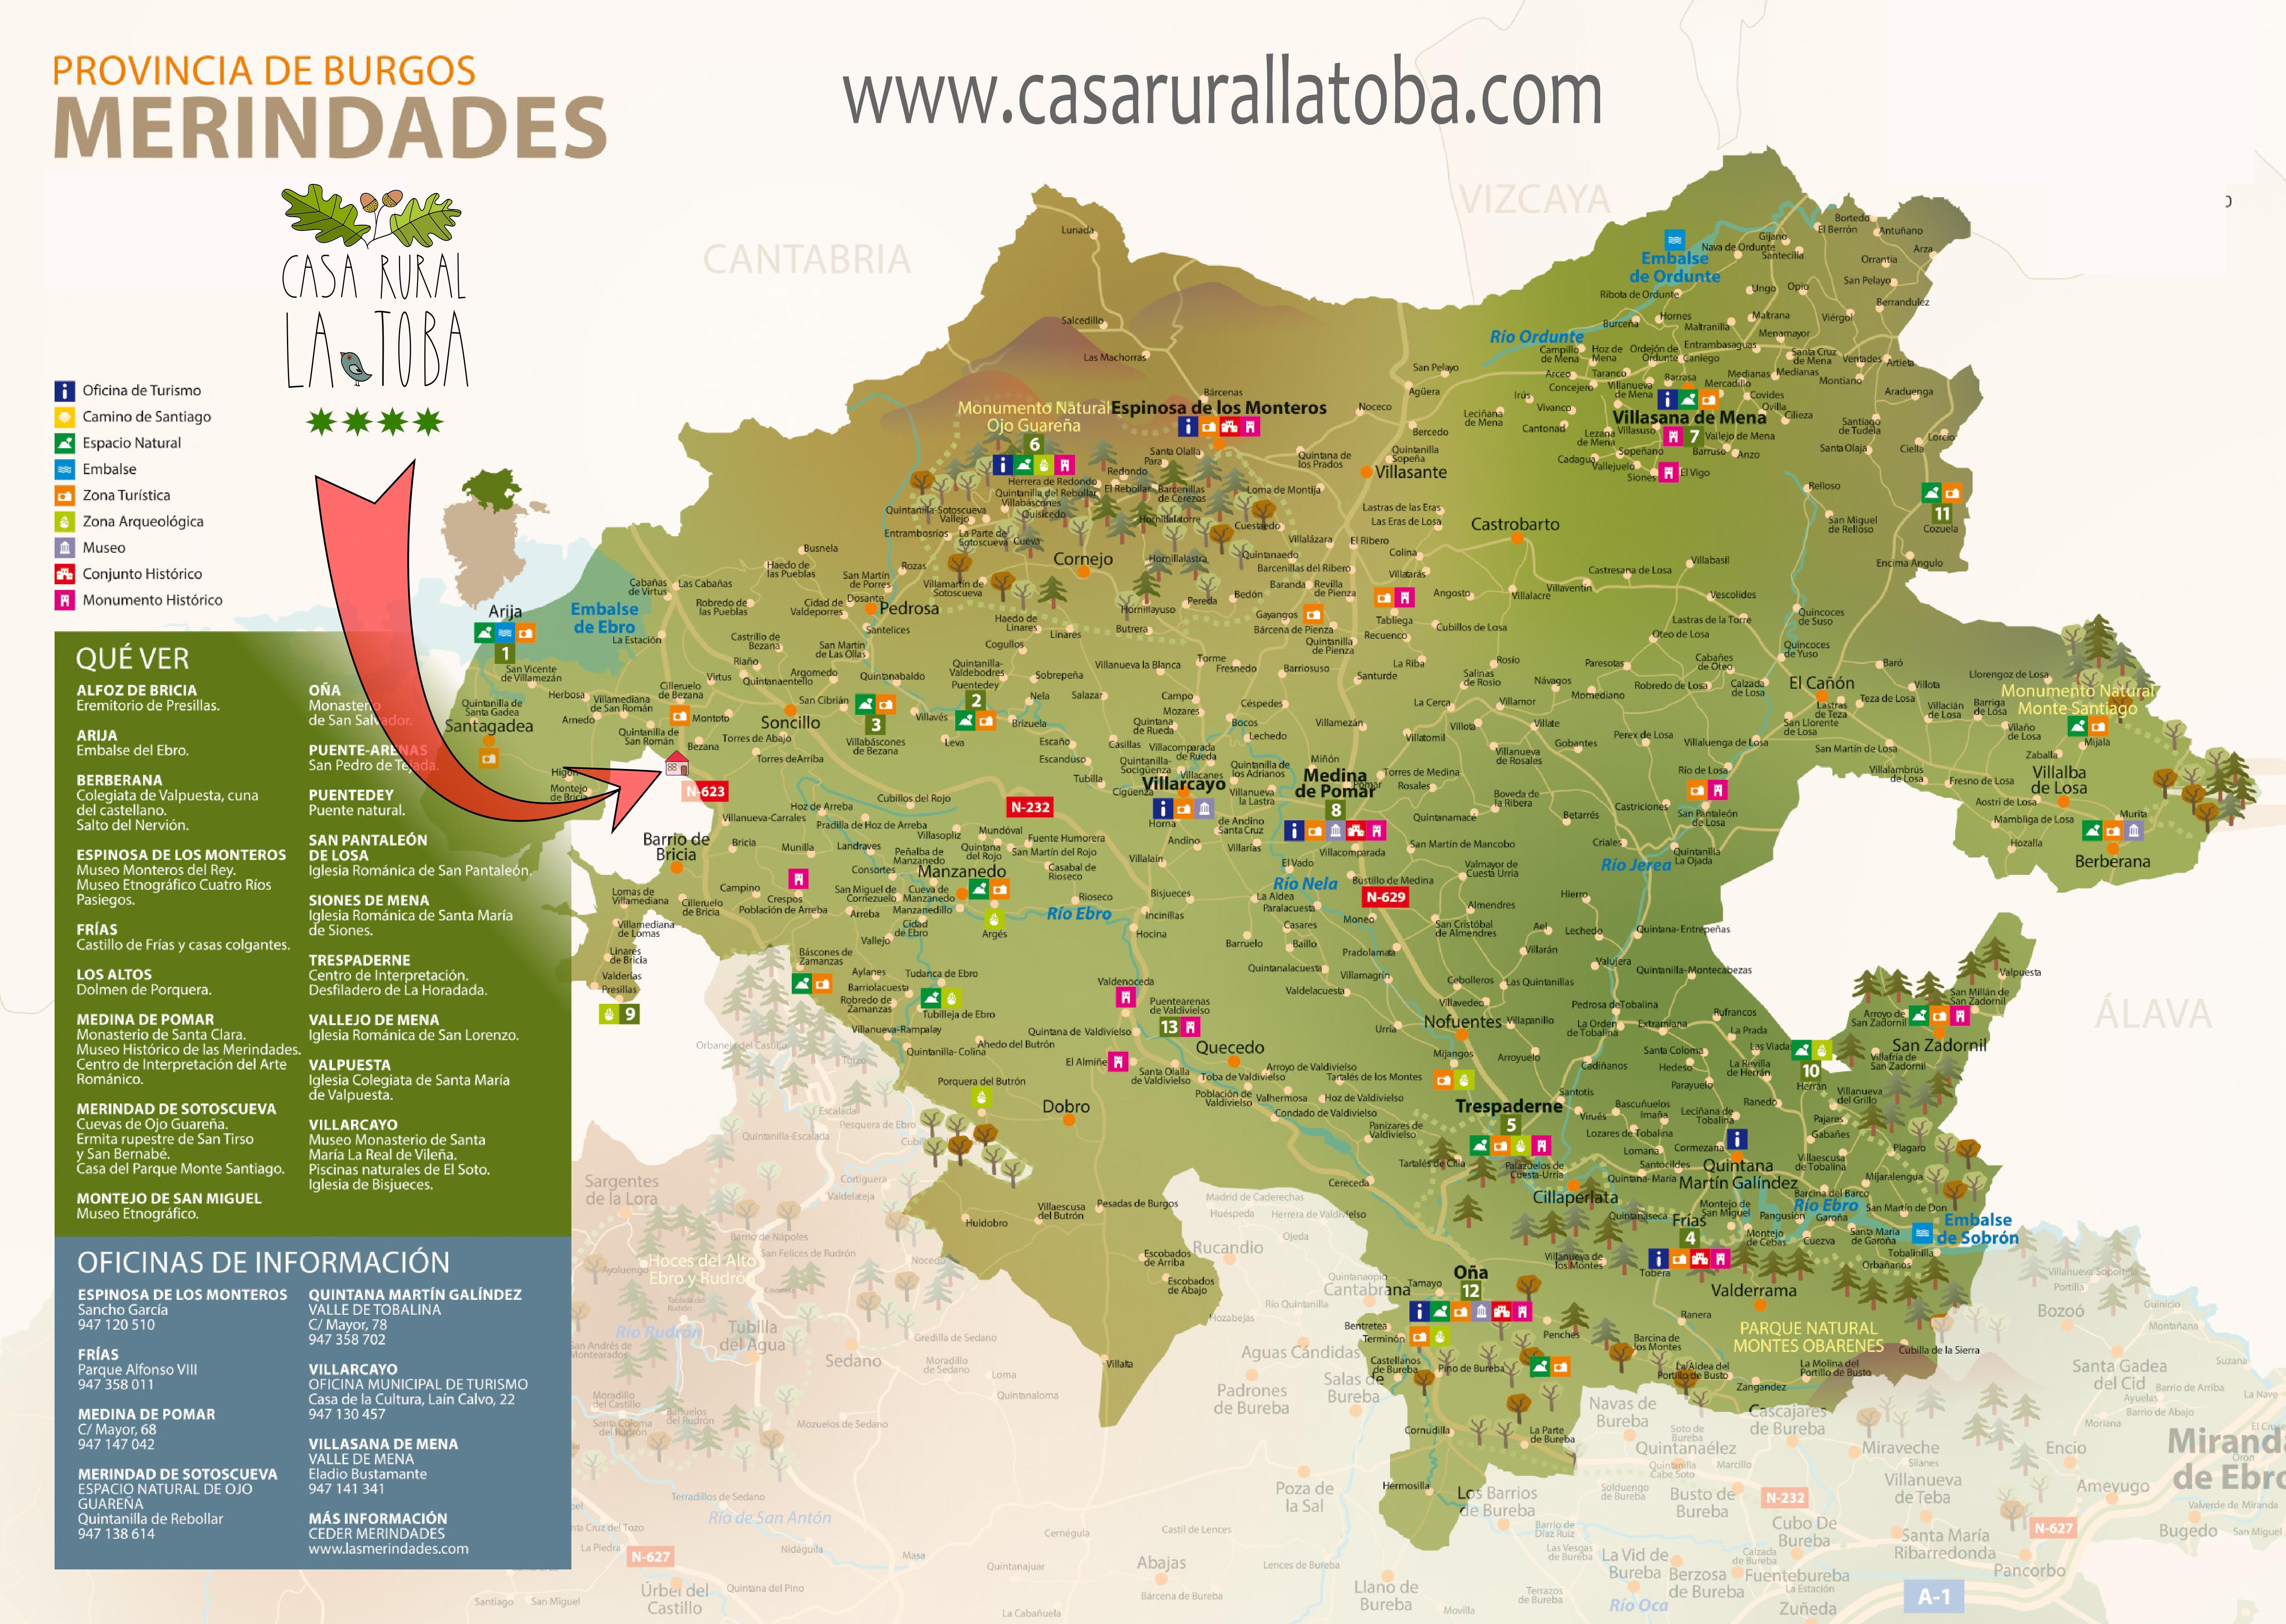 Mapa Turistico Burgos Provincia.Mapa Turistico De Las Merindades Para Descargar Casa Rural